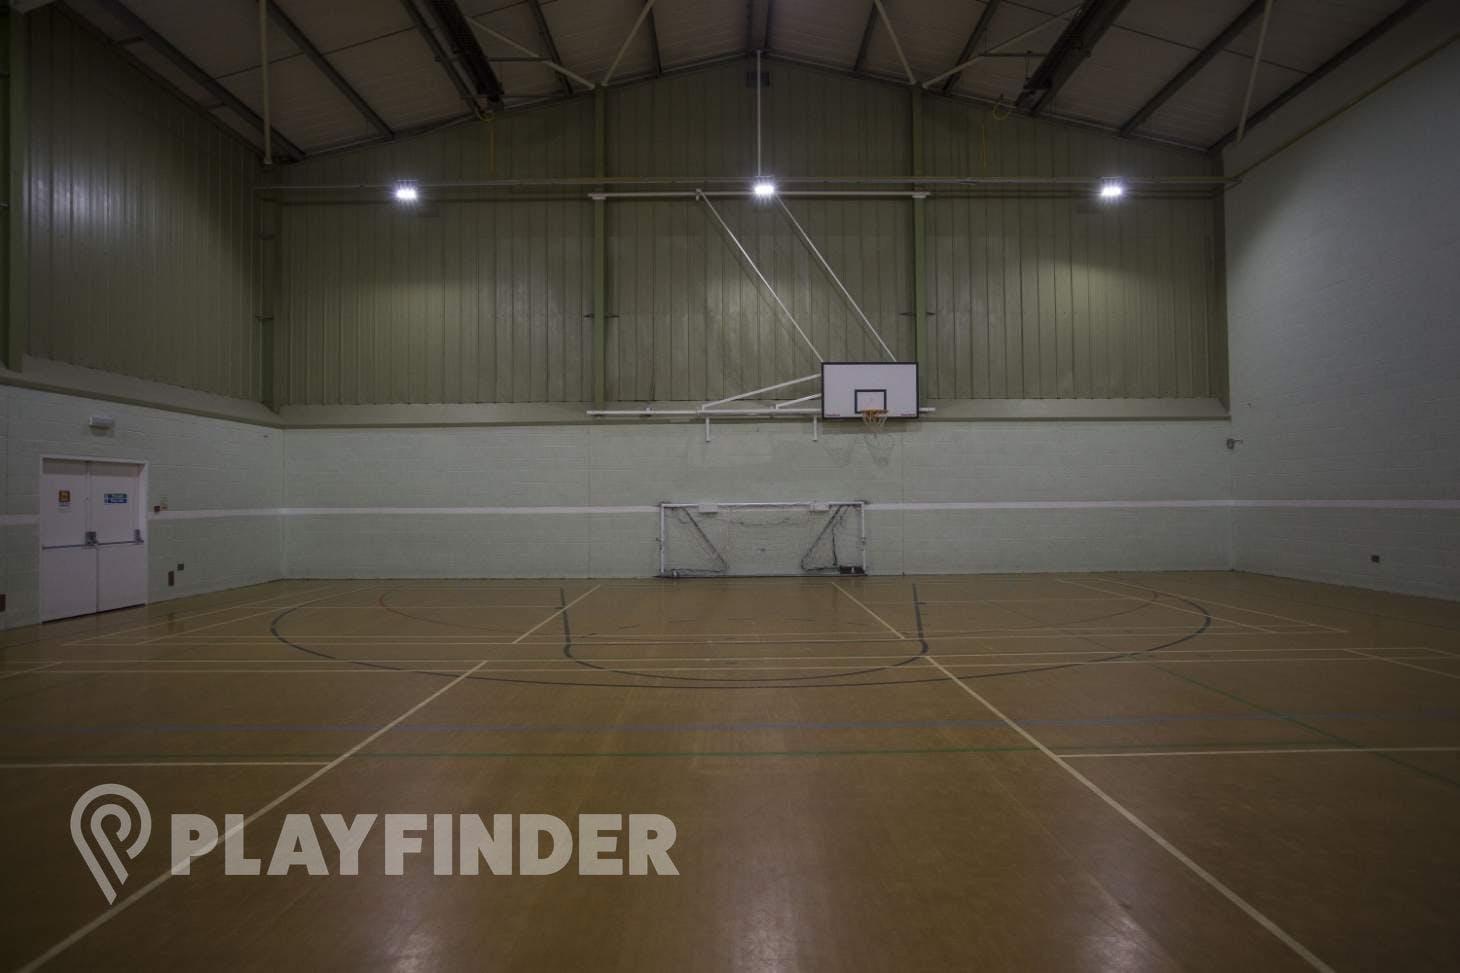 Redbourn Leisure Centre Court | Sports hall volleyball court